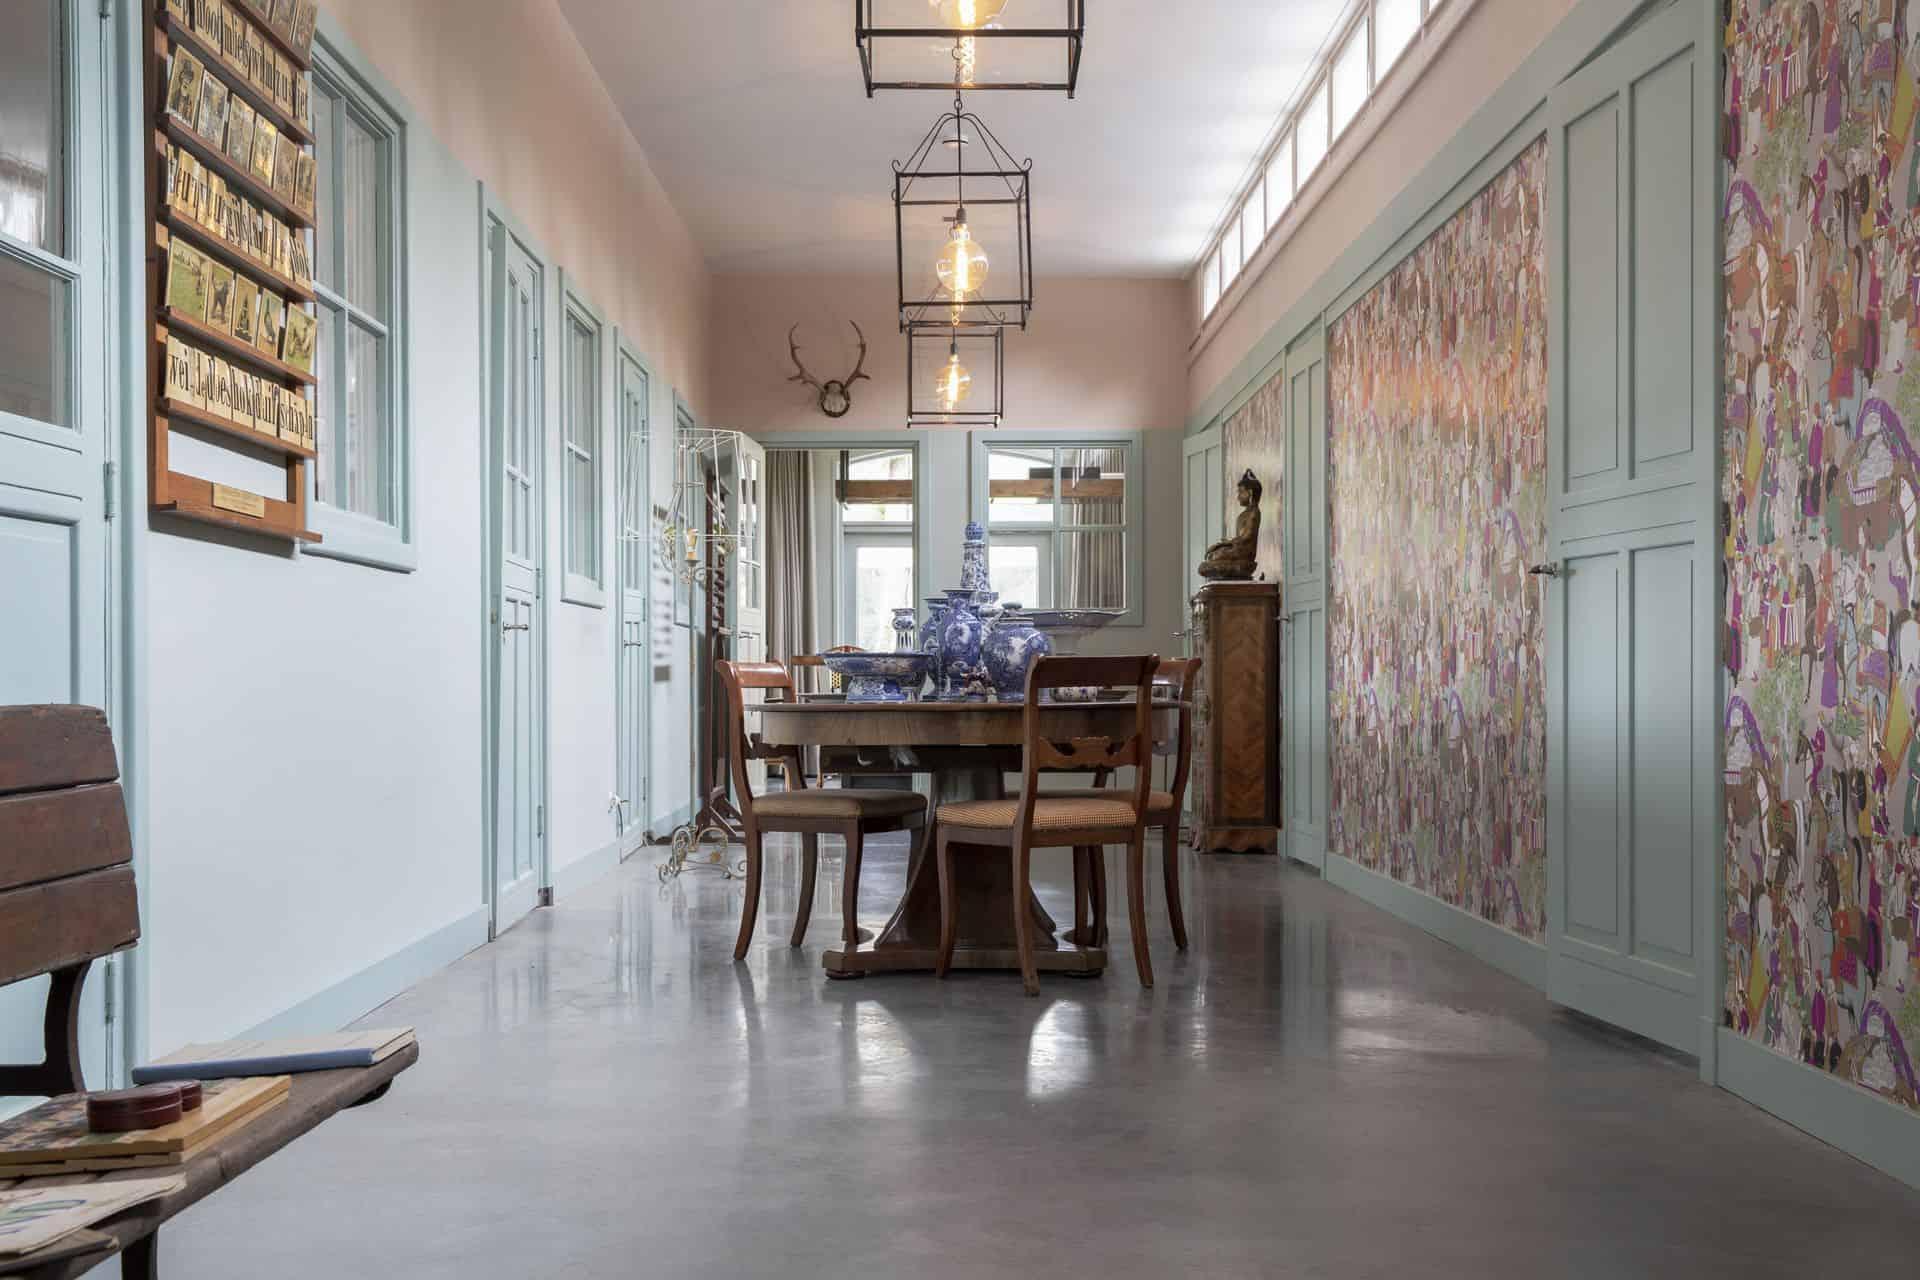 gevlinderde betonvloer, woonbeton vloer